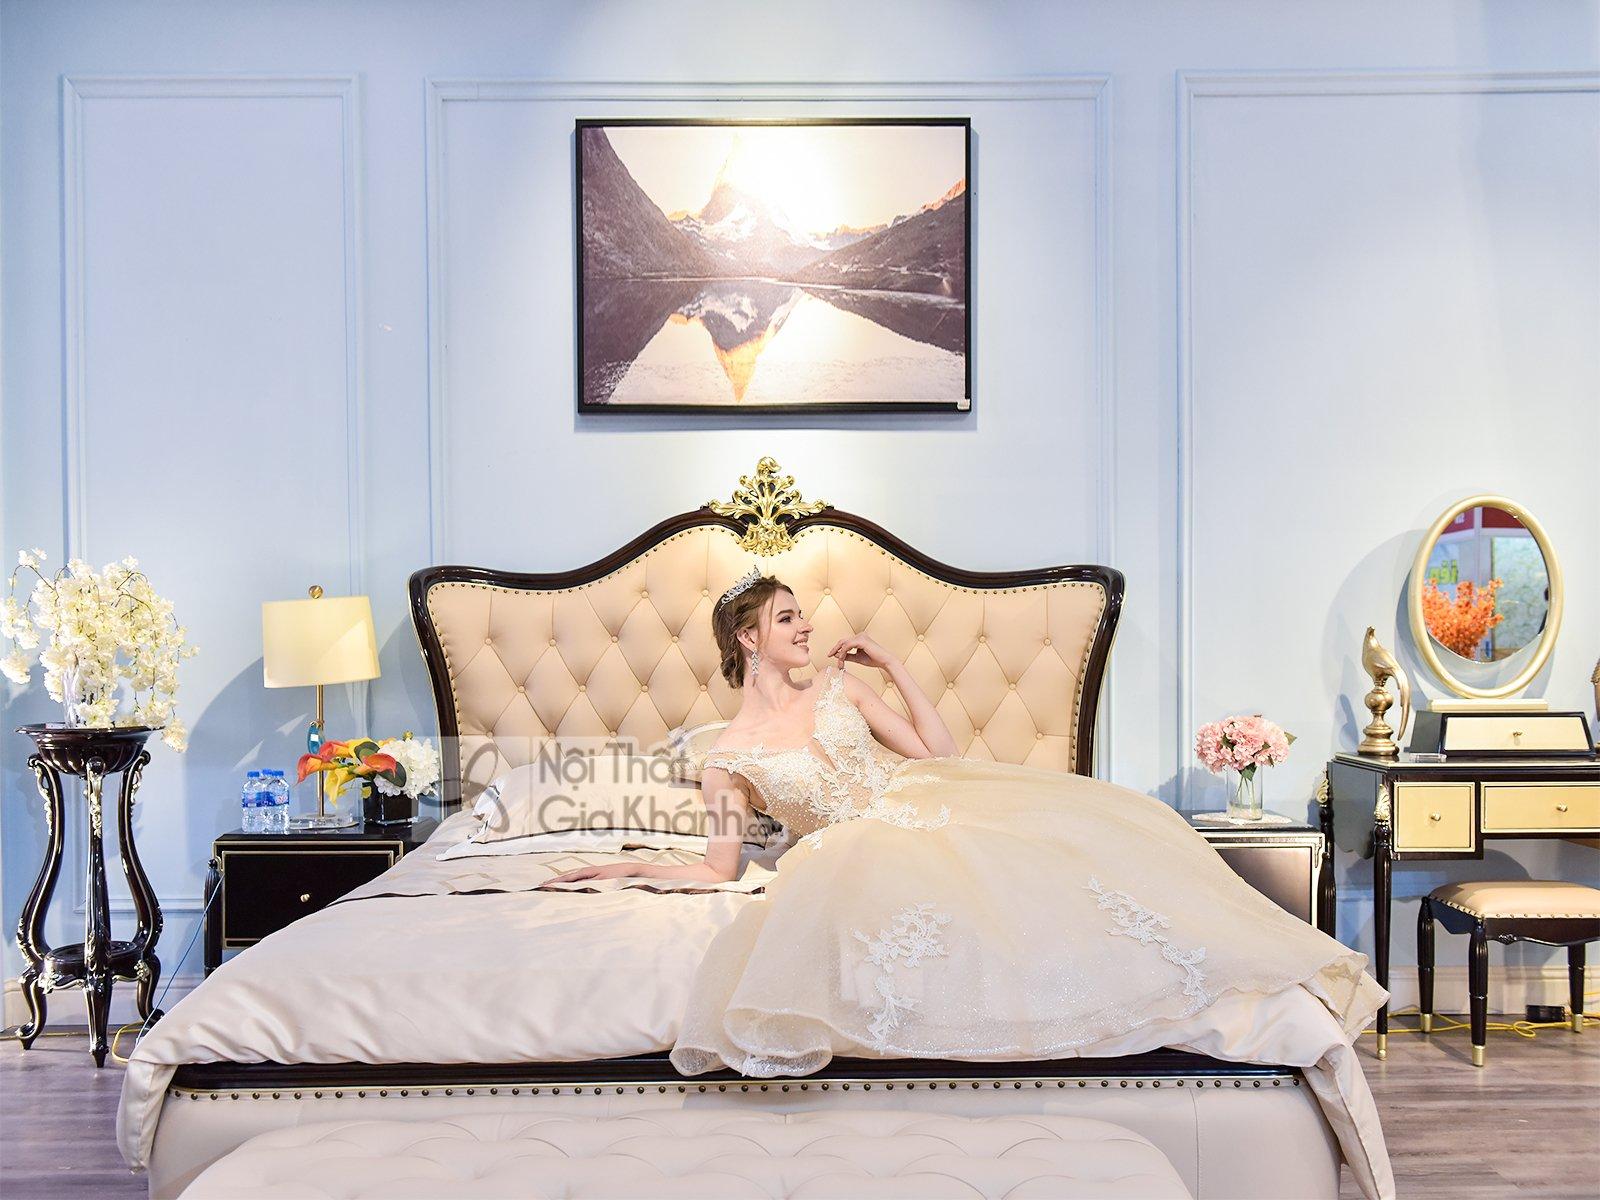 Bộ giường ngủ tân cổ điển nhập khẩu BN302